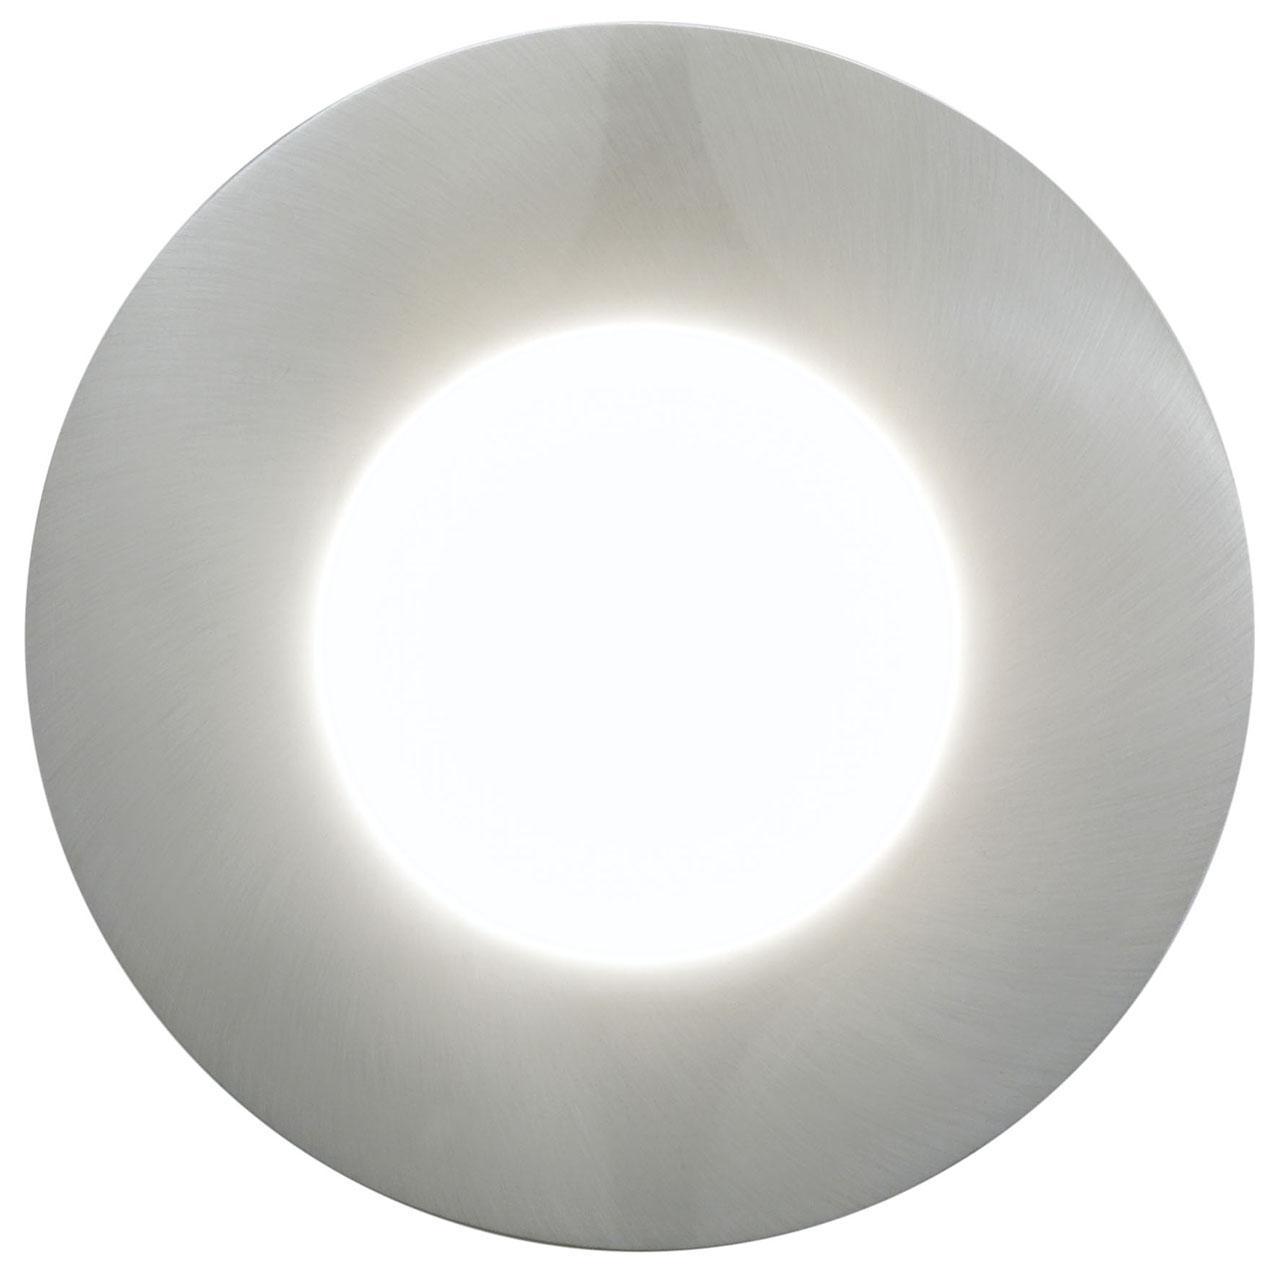 Ландшафтный светильник Eglo Margo 94092 цена 2017